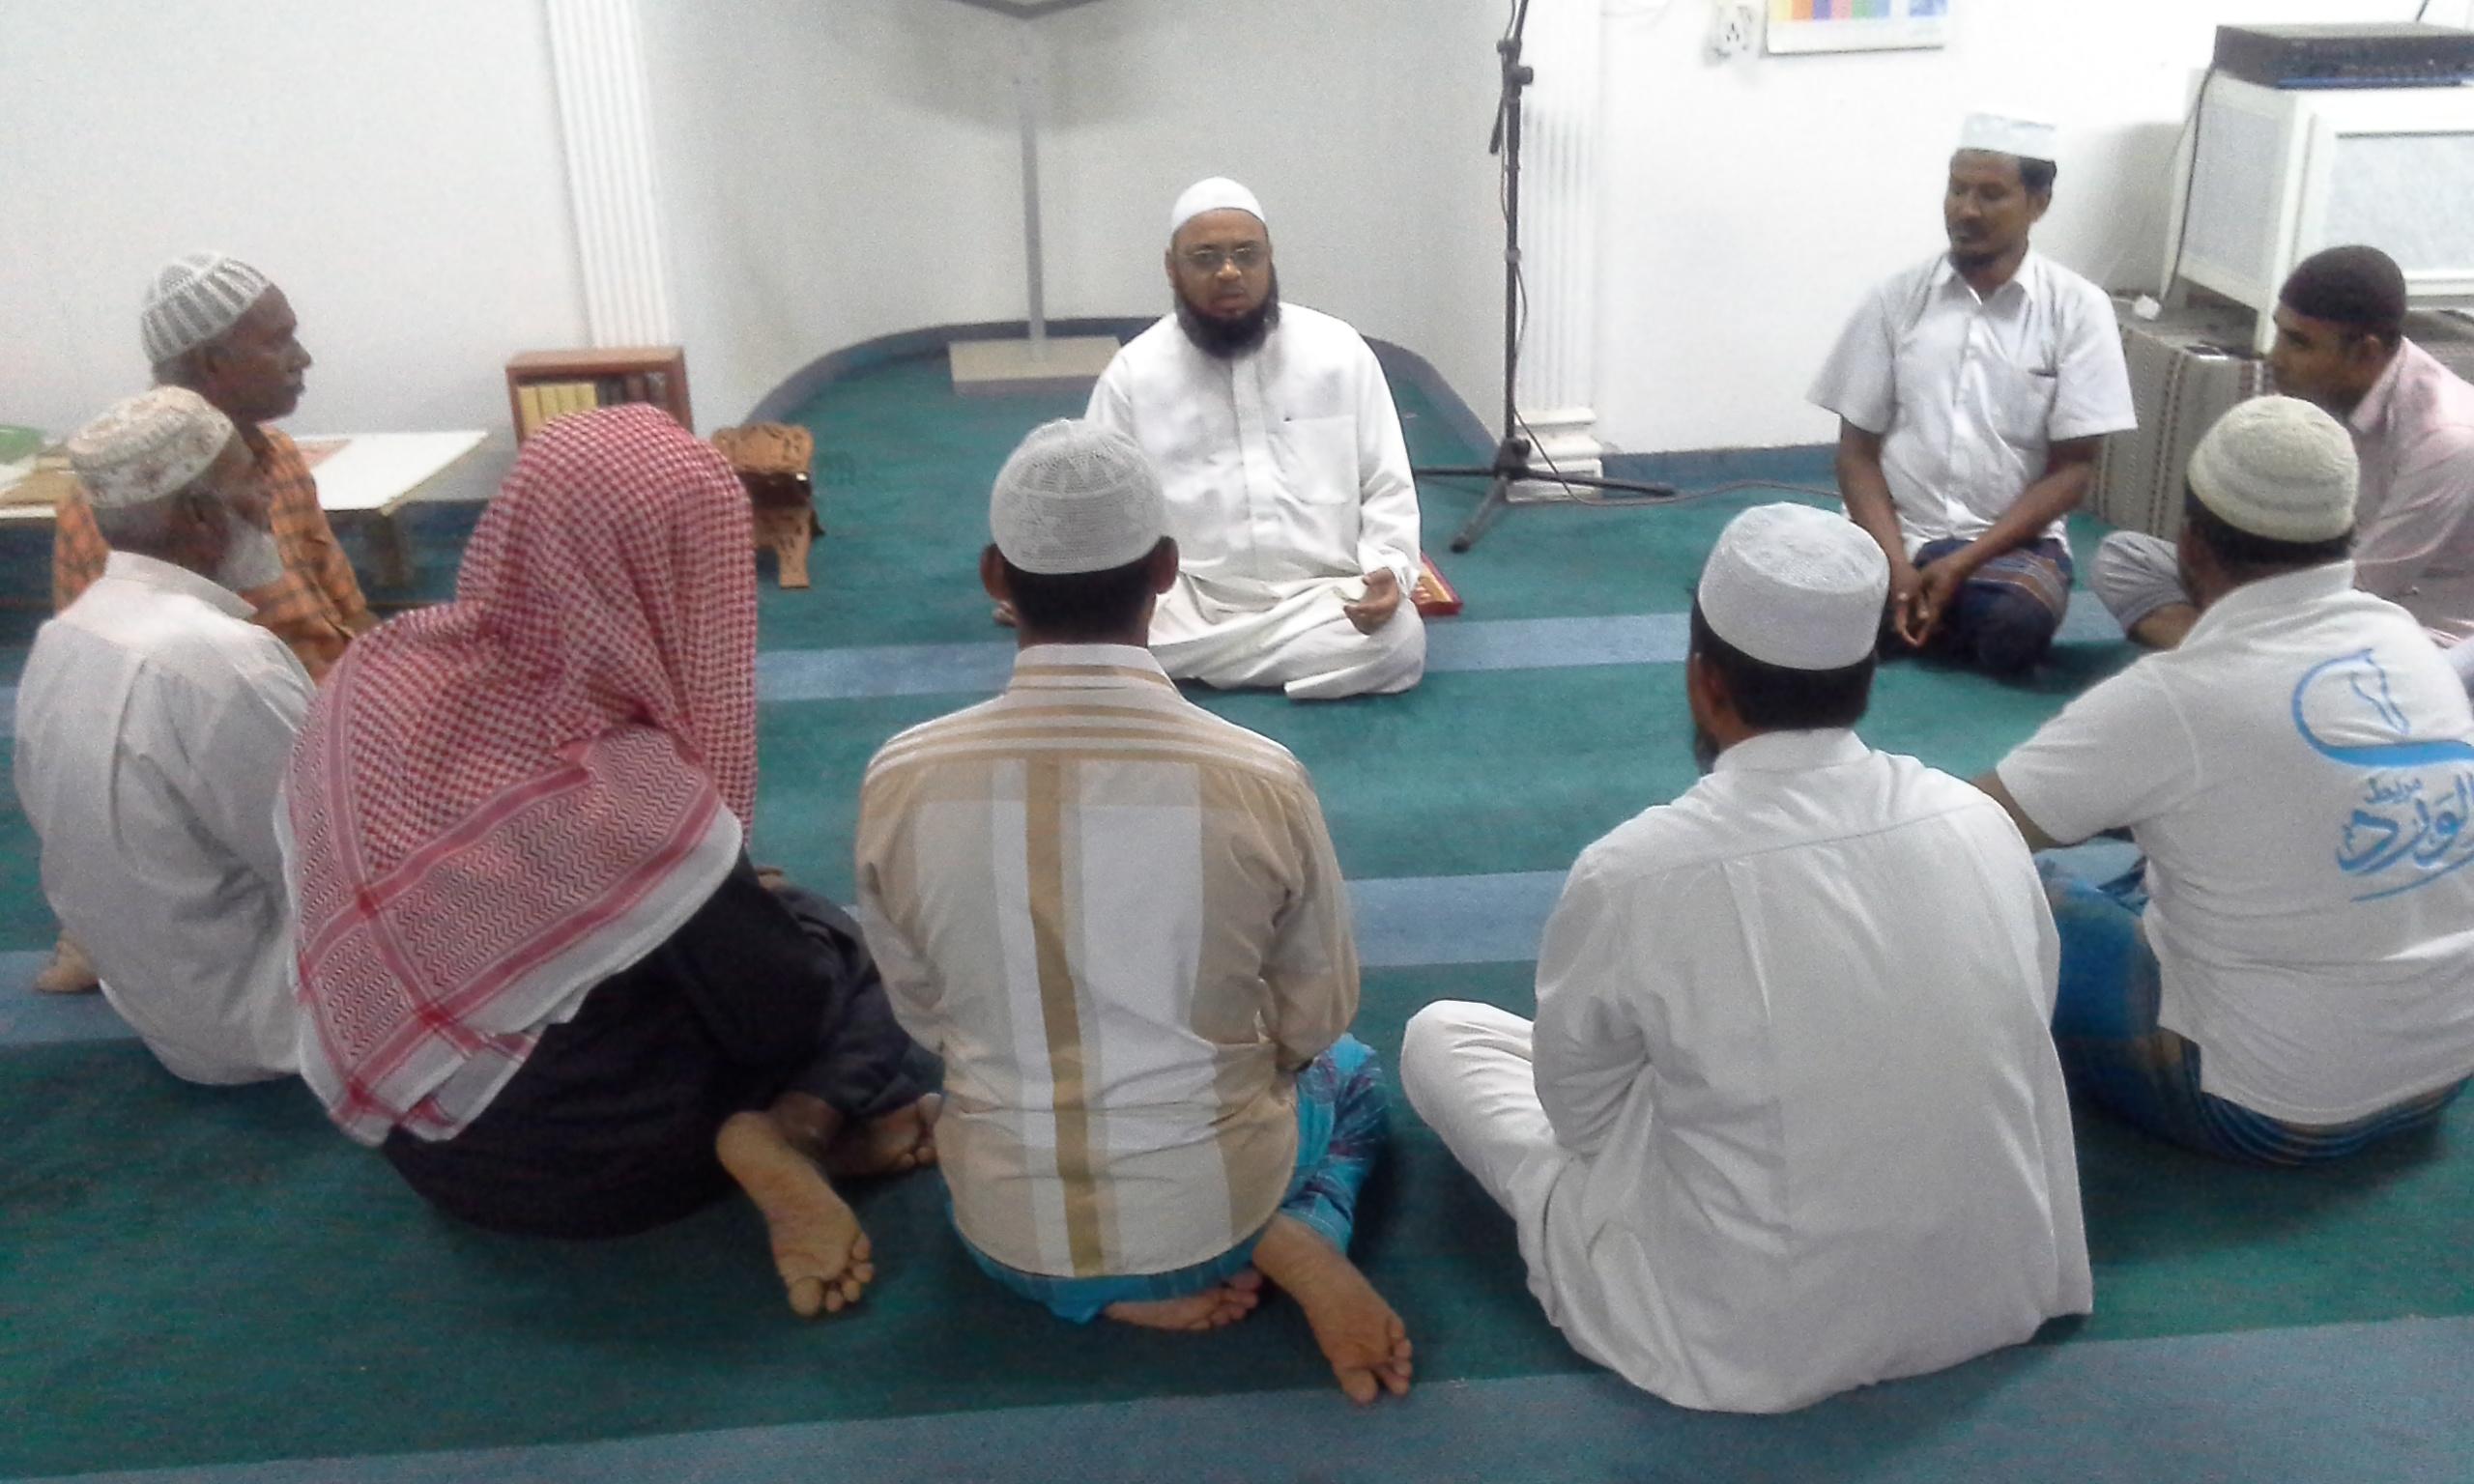 لجنة التعريف بالإسلام بالوفرة: 329 شخصا أشهروا إسلامهم